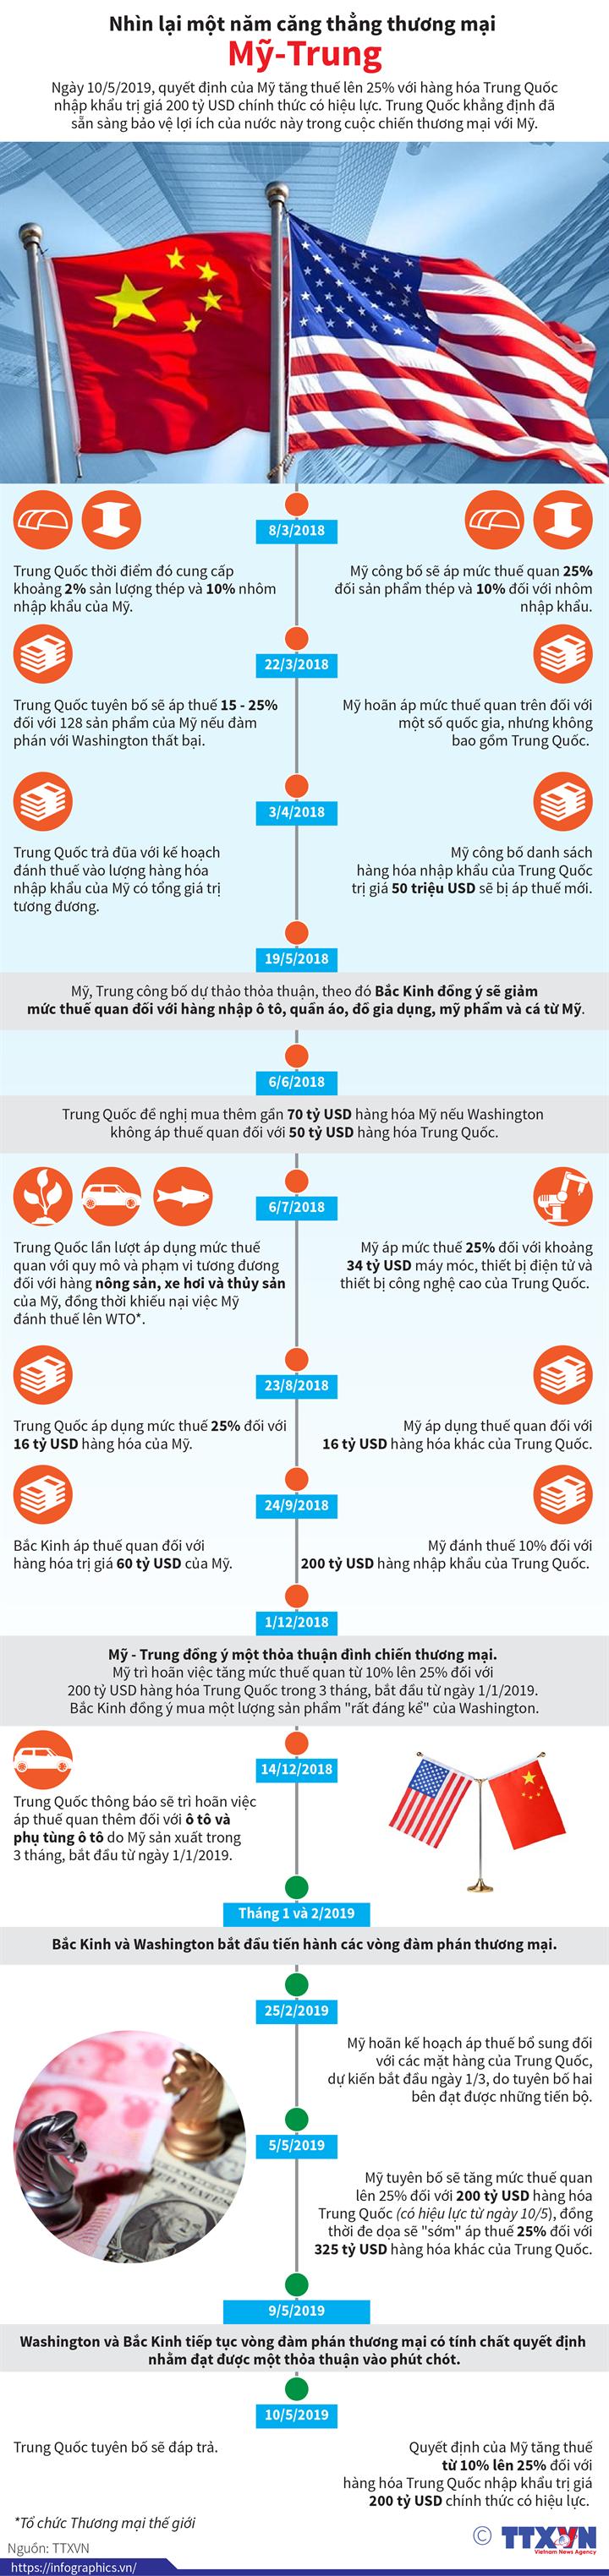 Nhìn lại một năm căng thẳng thương mại Mỹ-Trung